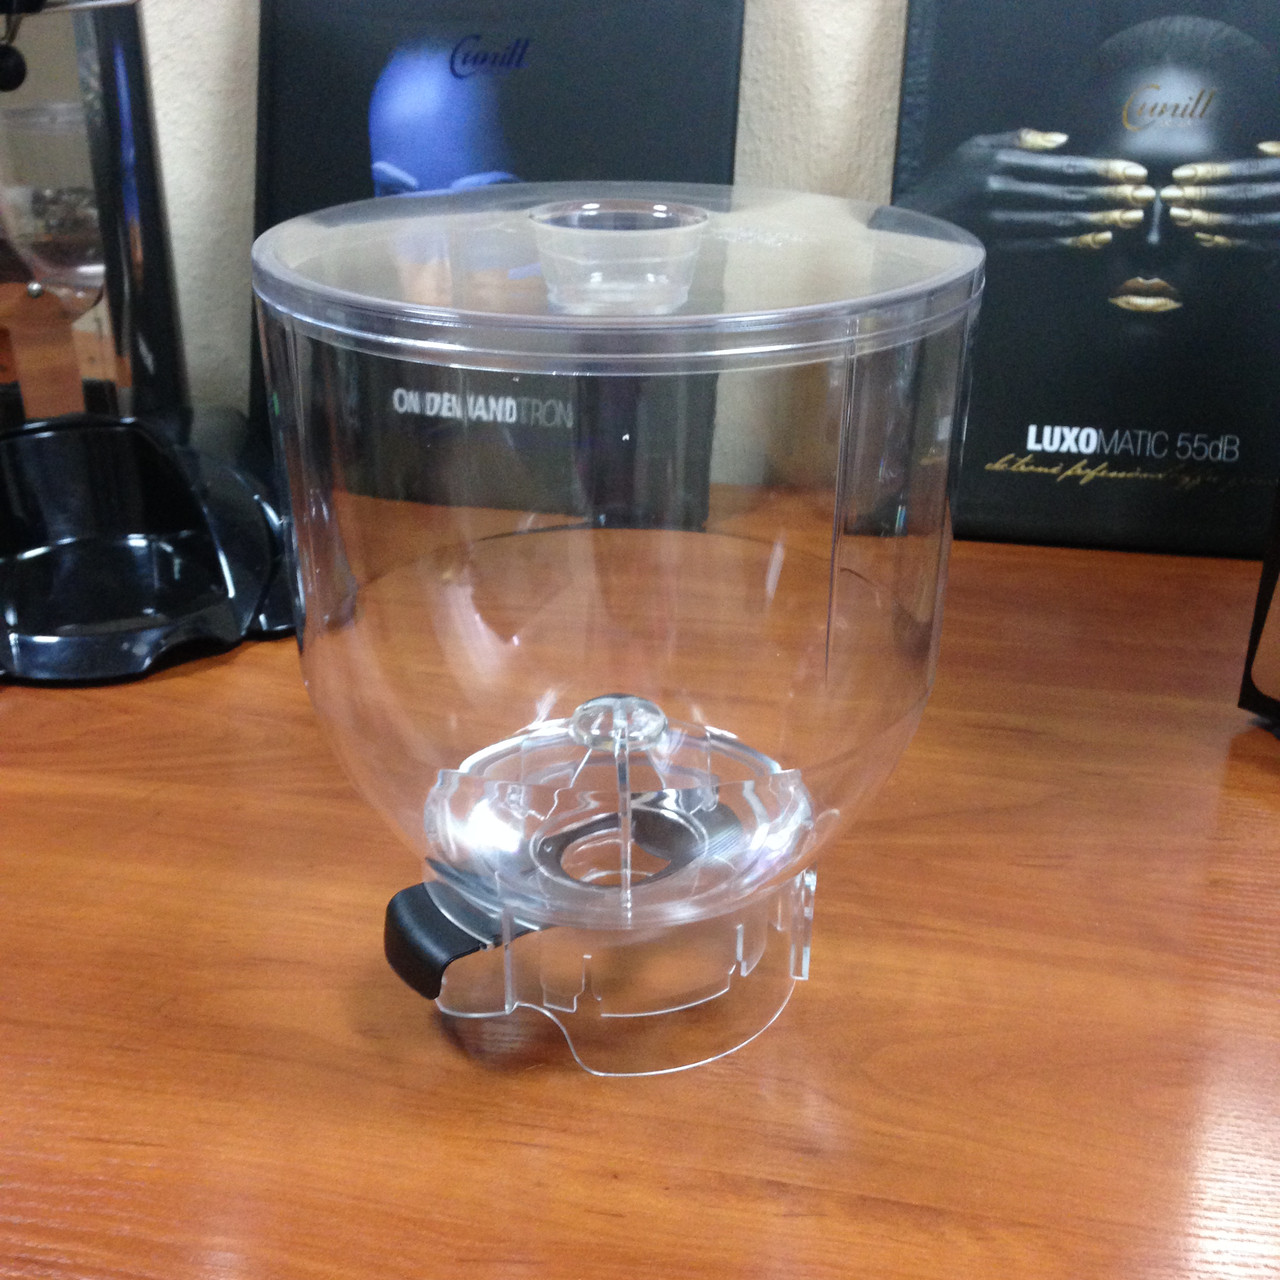 Бункер зернового кофе (2,0 кг.) в сборе для кофемолки Cunill™